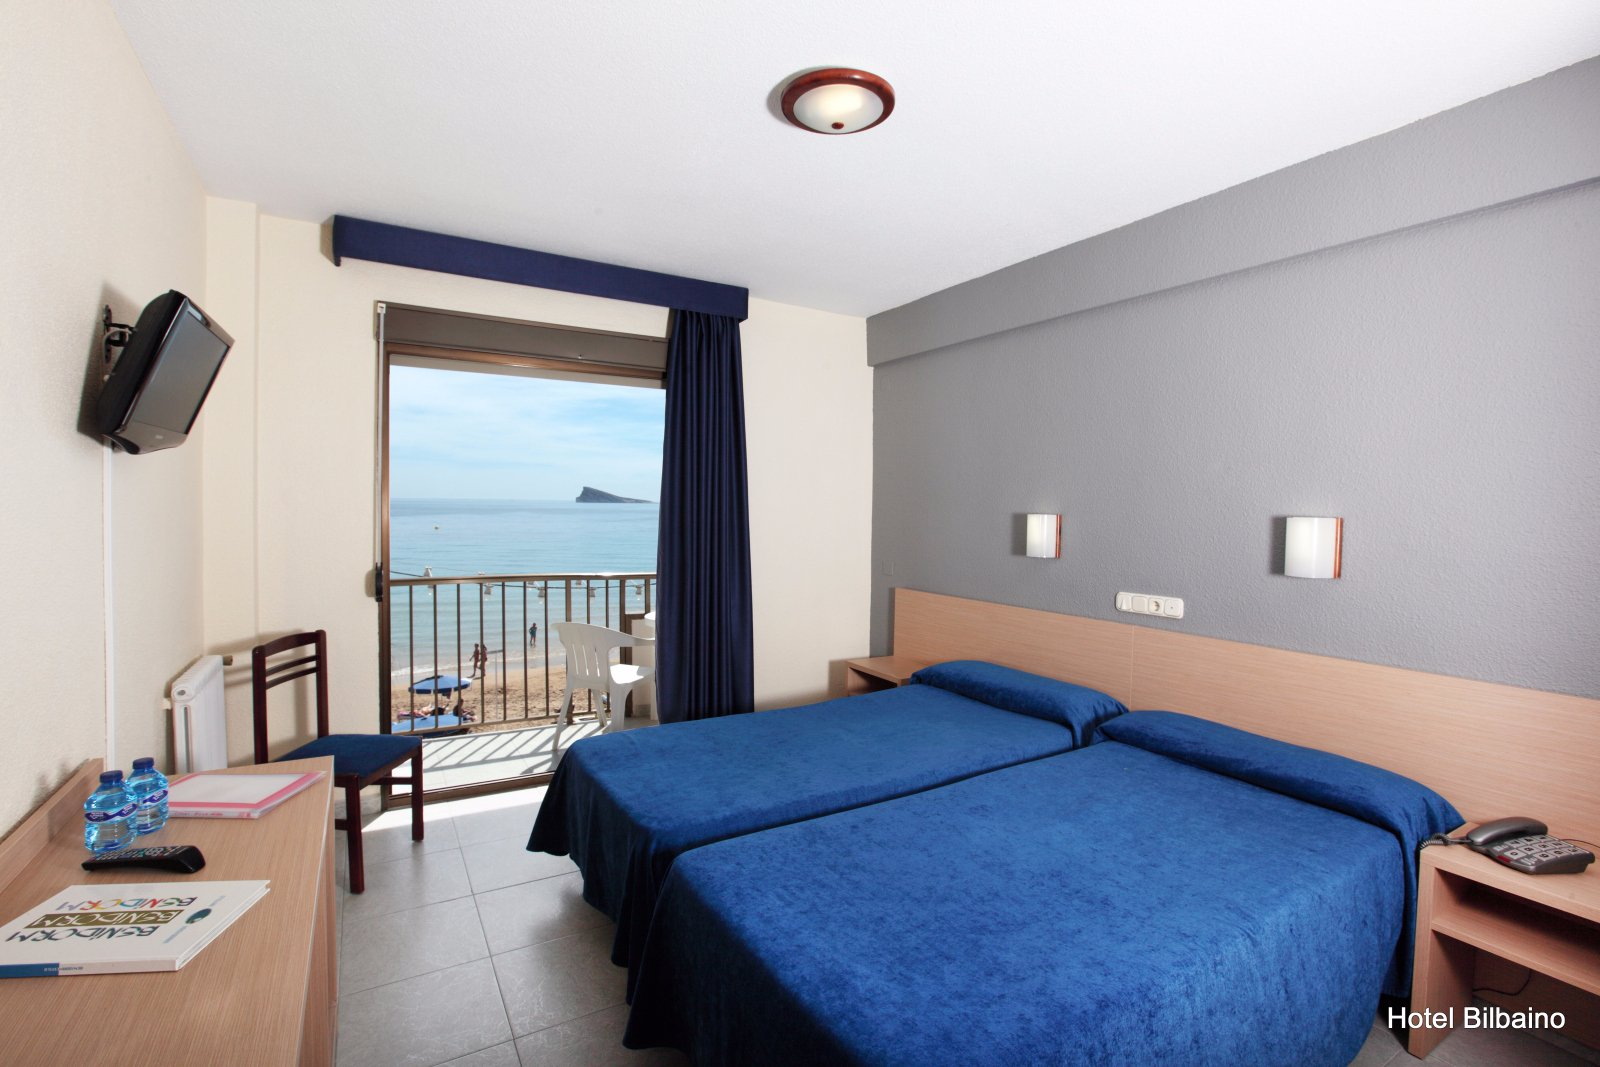 Hotel Bilbaino